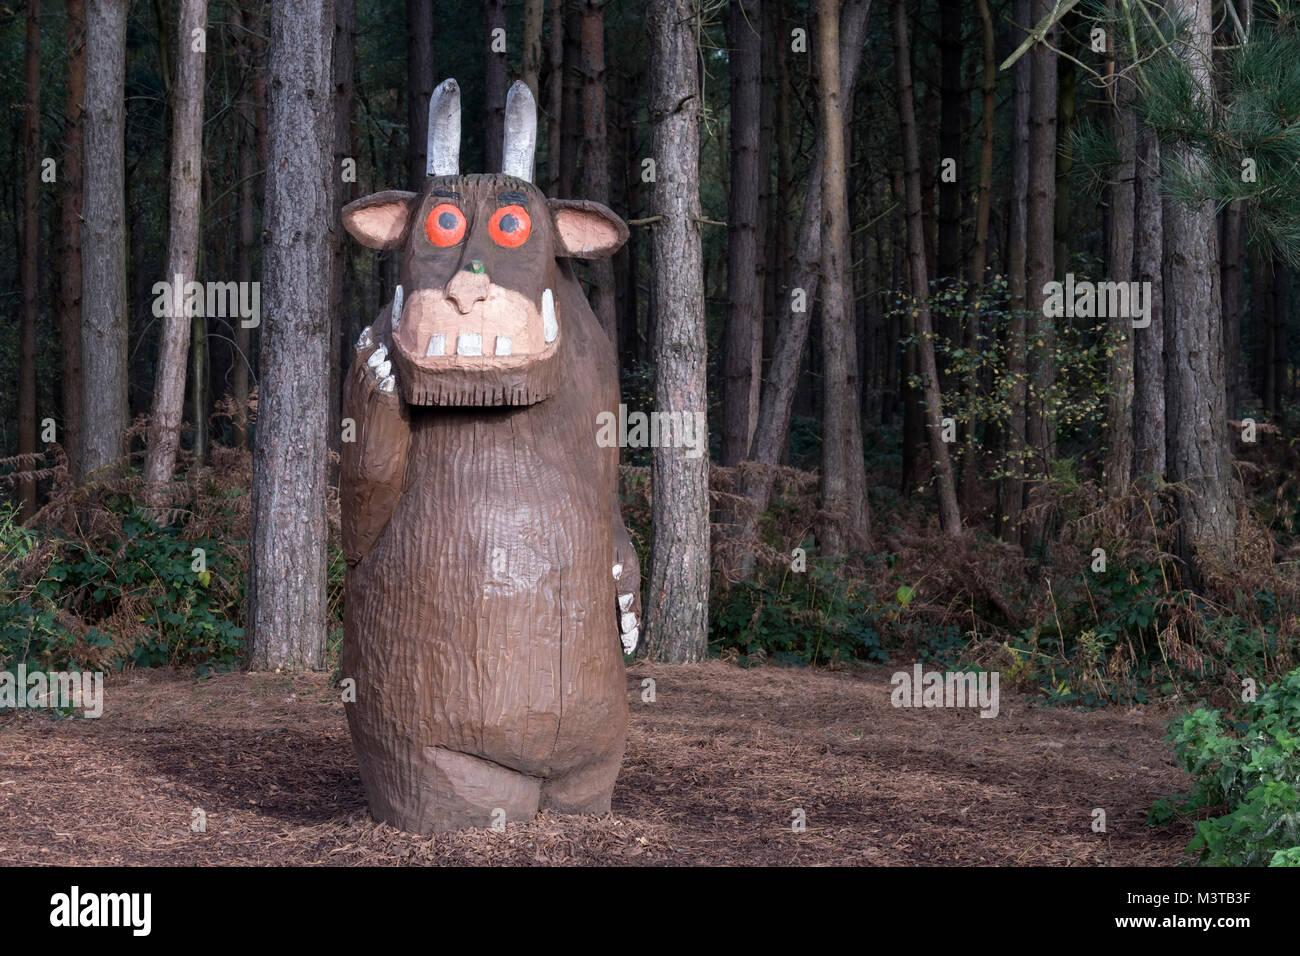 The Gruffalo - Sculture in legno su The Gruffalo Spotter Trail, Delamere Forest, Delamere, Cheshire, Inghilterra, Immagini Stock